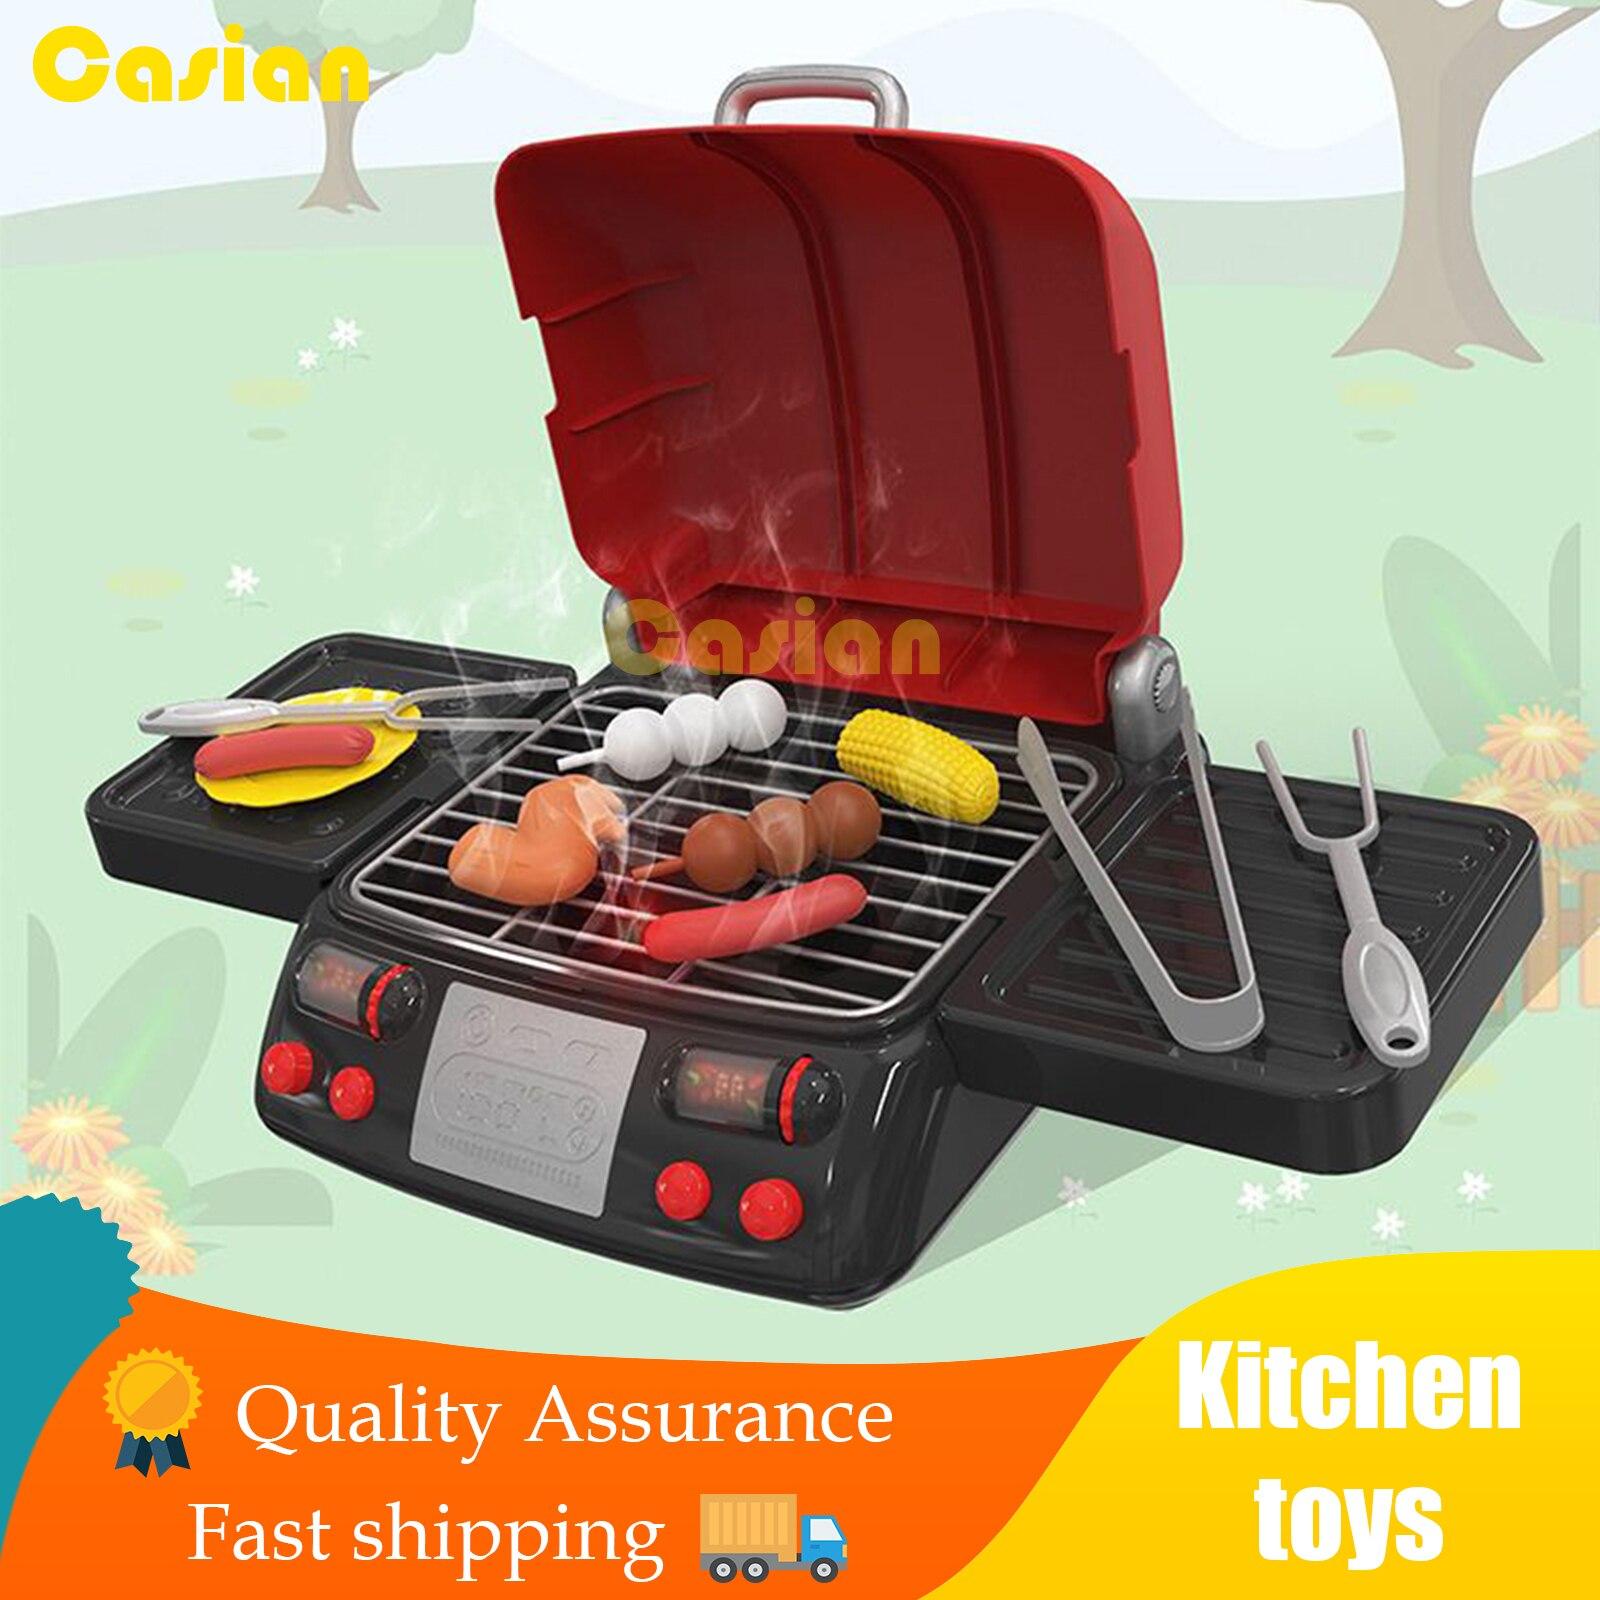 Моделирование набор кухонных игрушек для барбекю Электрический спрей печь для барбекю ролевые игры еда игрушечное барбекю комплект ролевы...